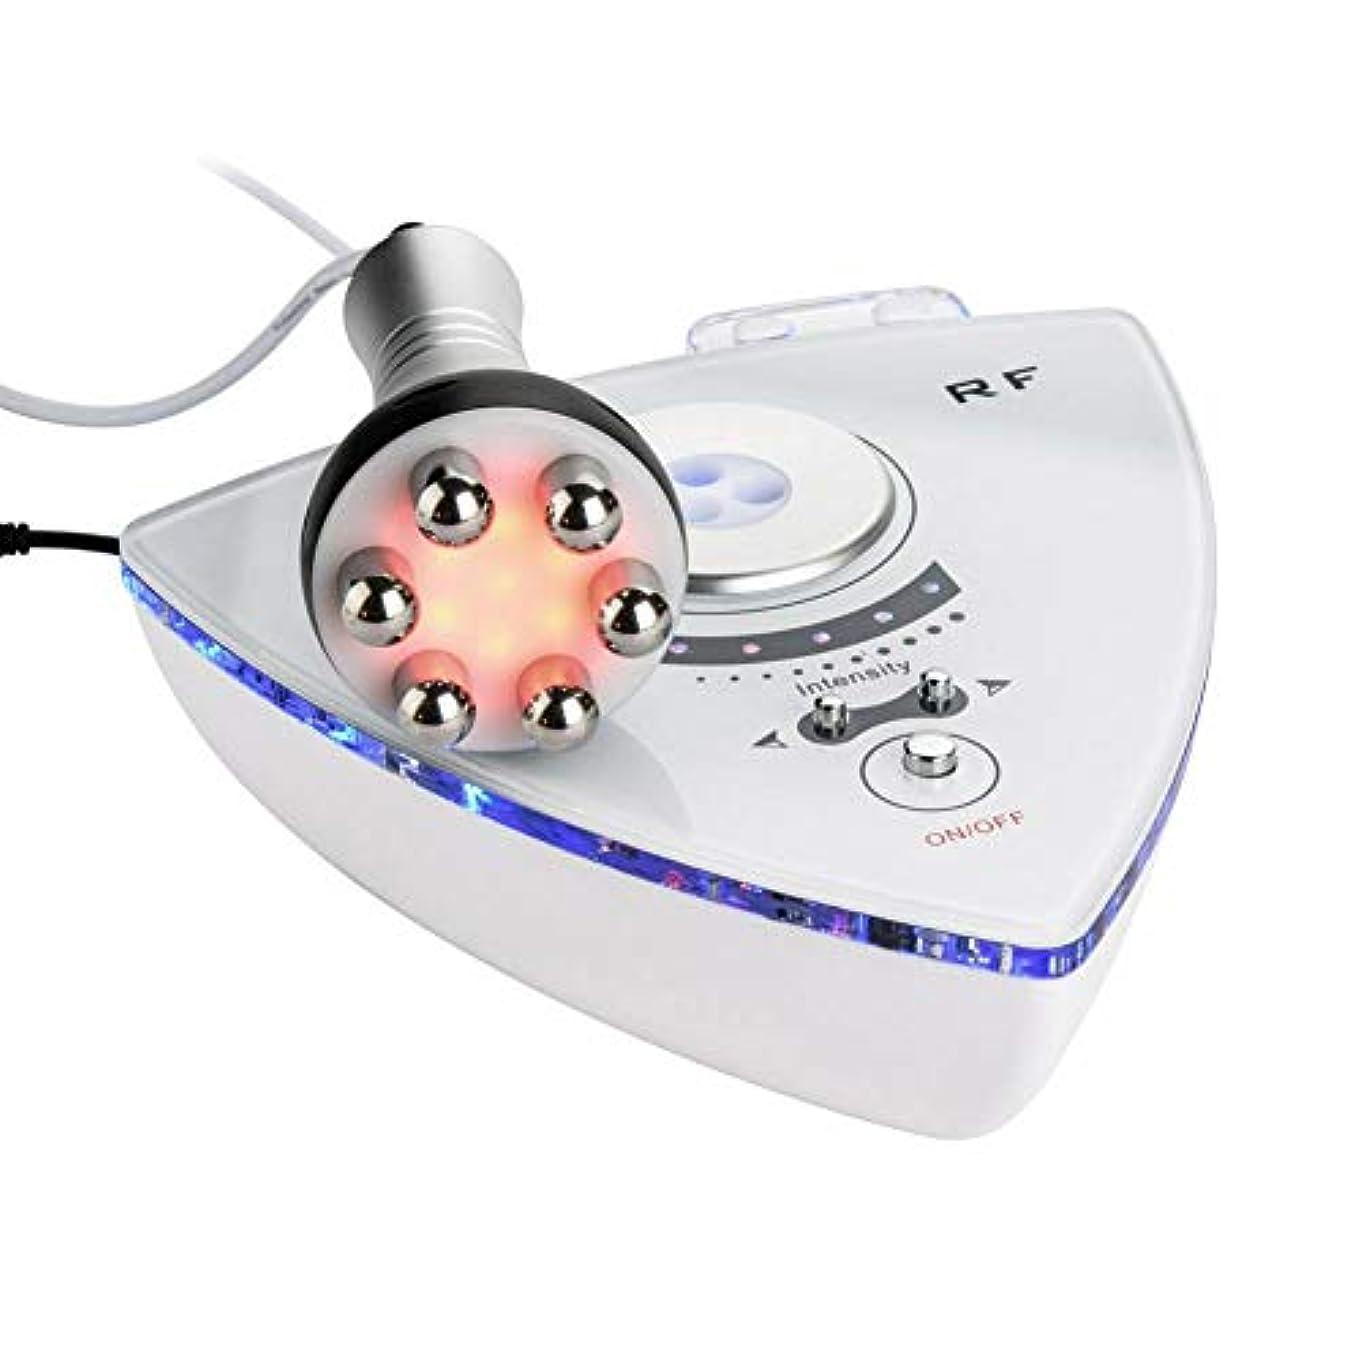 ネックレット不要手入れRFの無線周波数の顔の美機械、しわの取り外しの皮の持ち上がる若返りの反老化のスキンケアのための手持ち型の電気美装置(私たち)